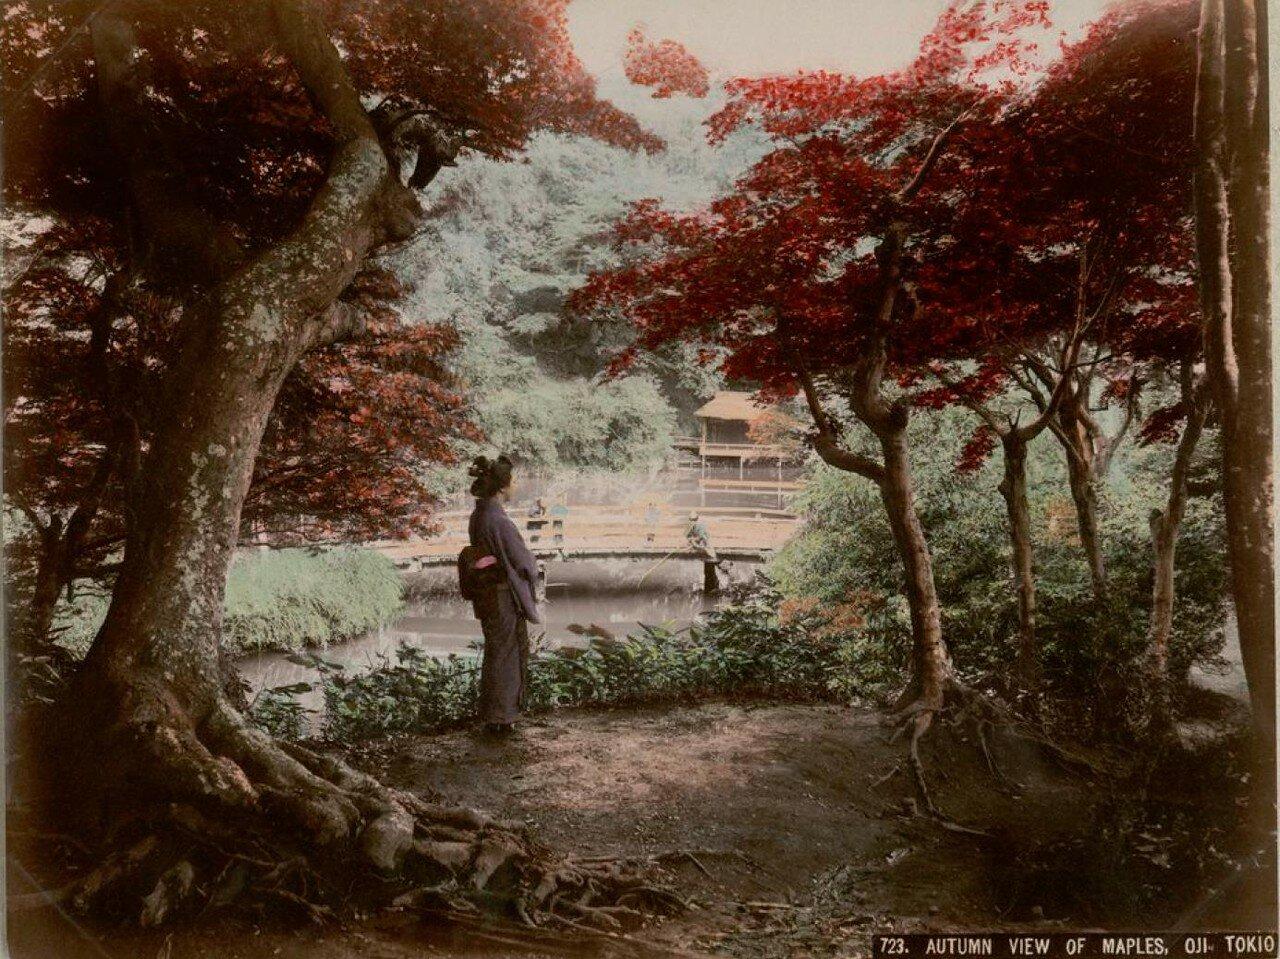 Токио. Оджи. Осенний вид кленов